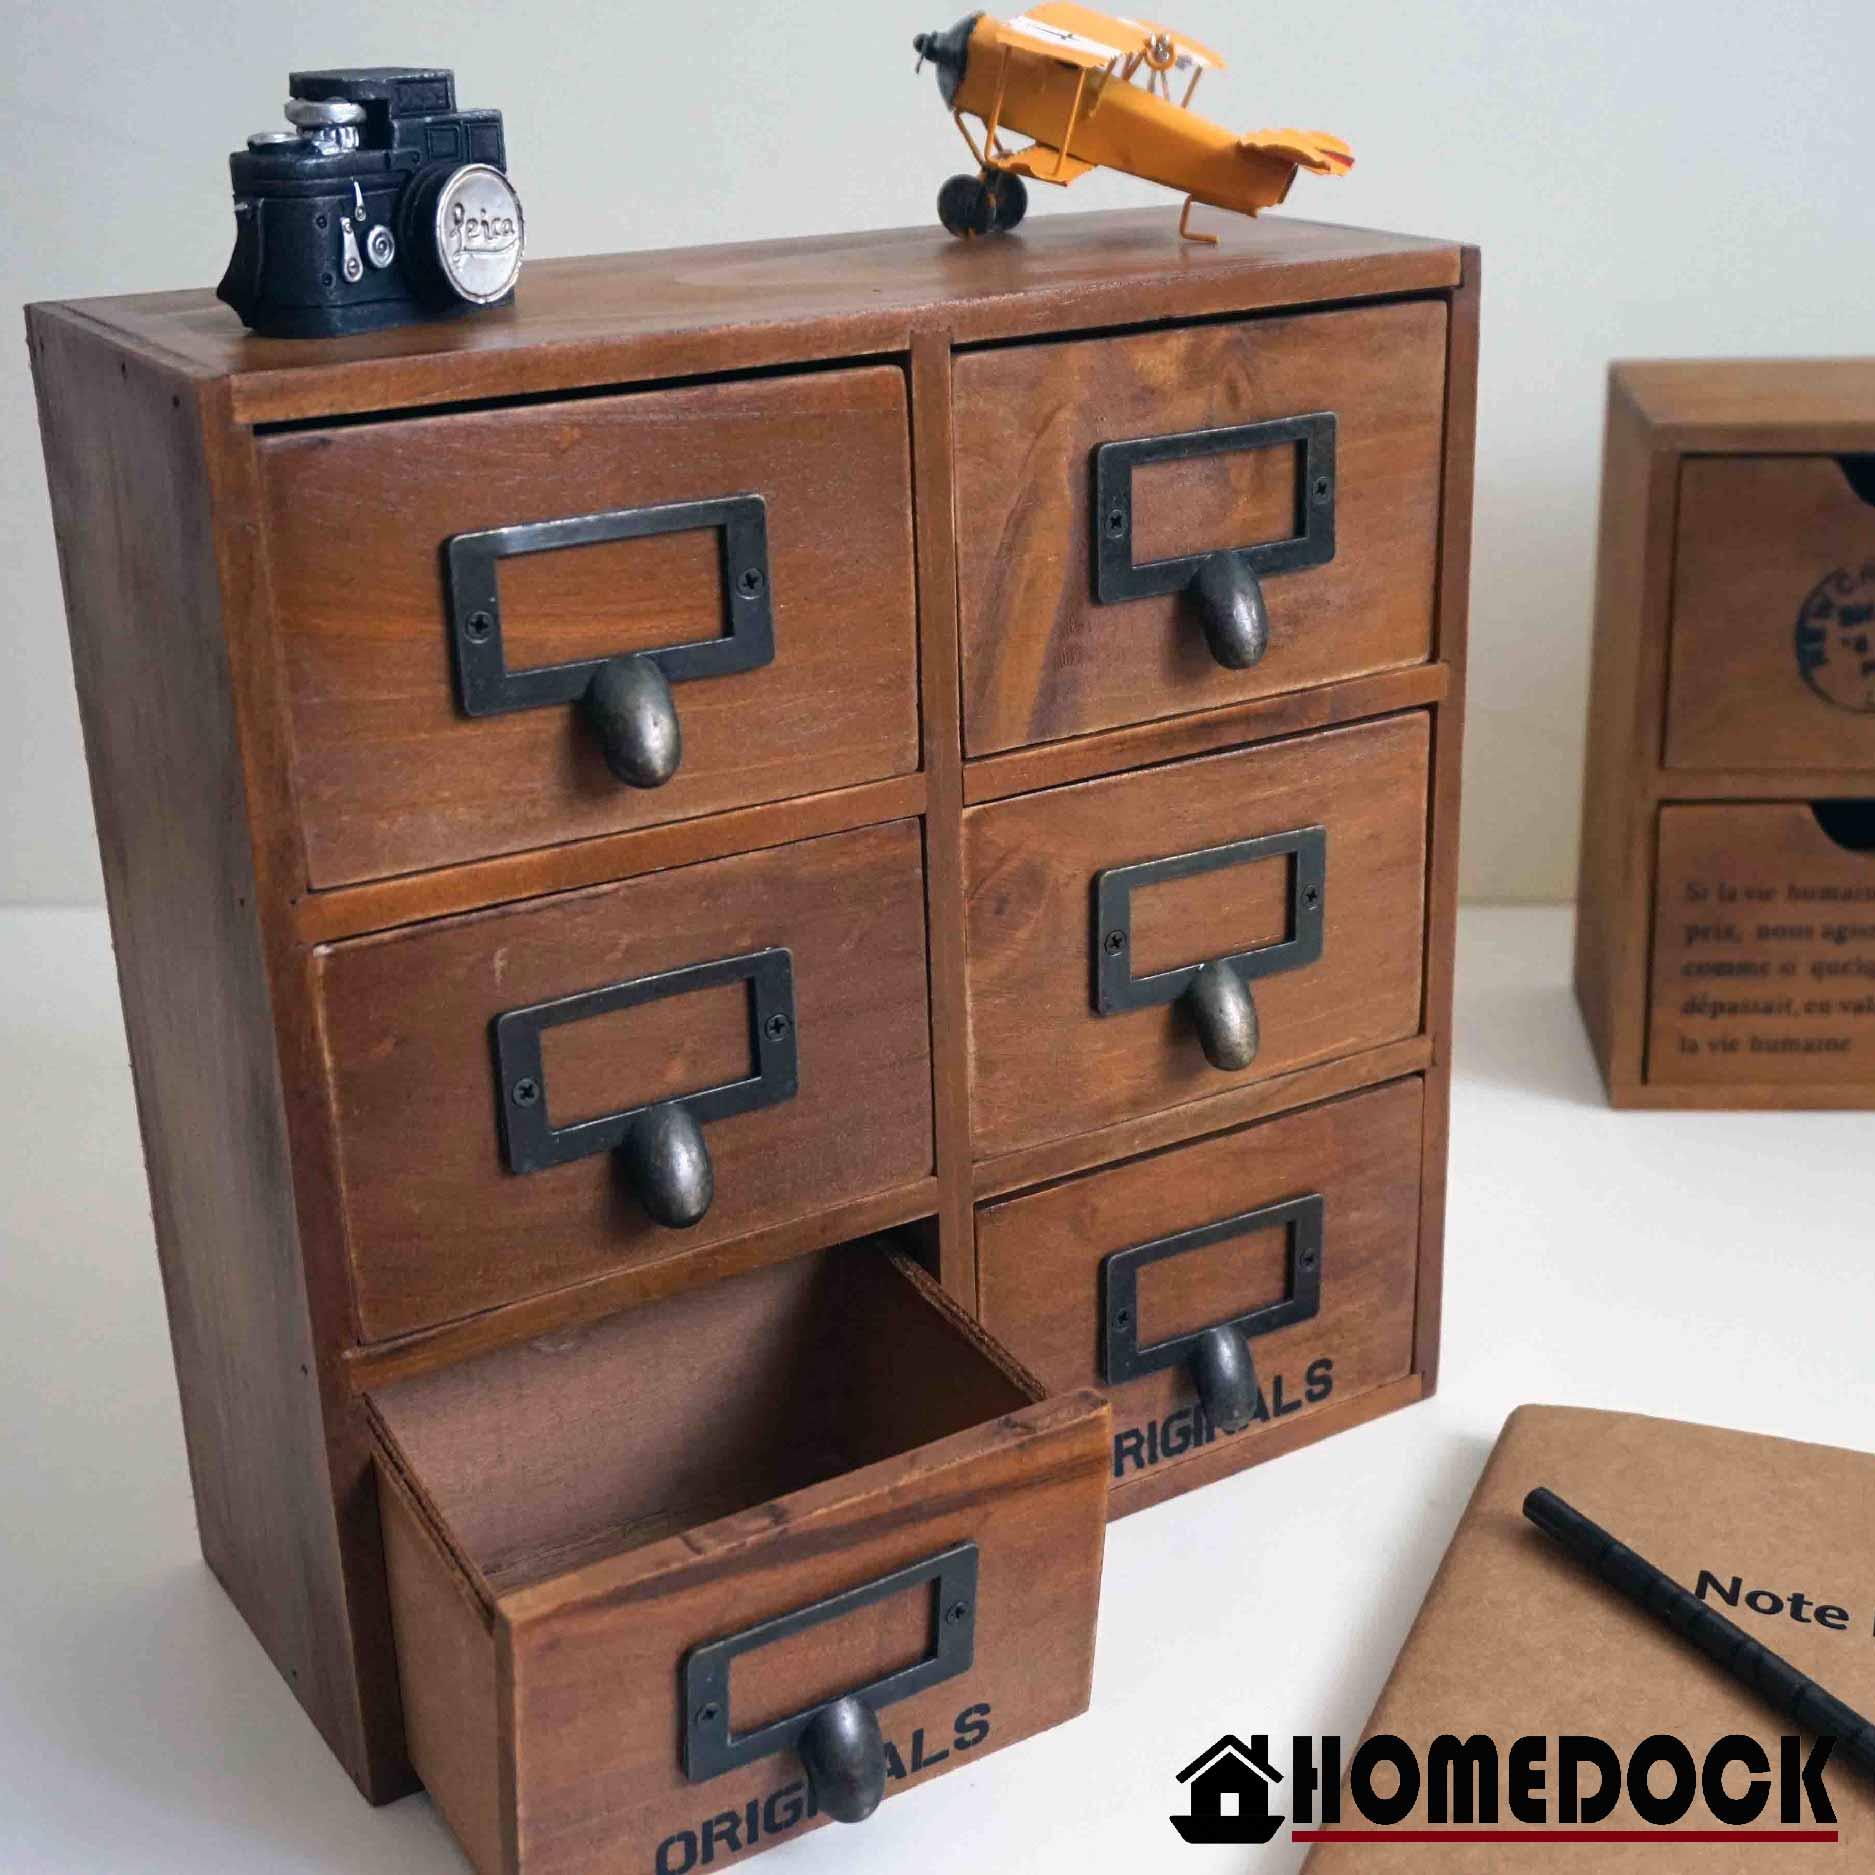 原木質感6格整理收納櫃 六層/六格/木櫃/置物櫃/原木製/層格櫃/抽屜/Zakka/木櫃